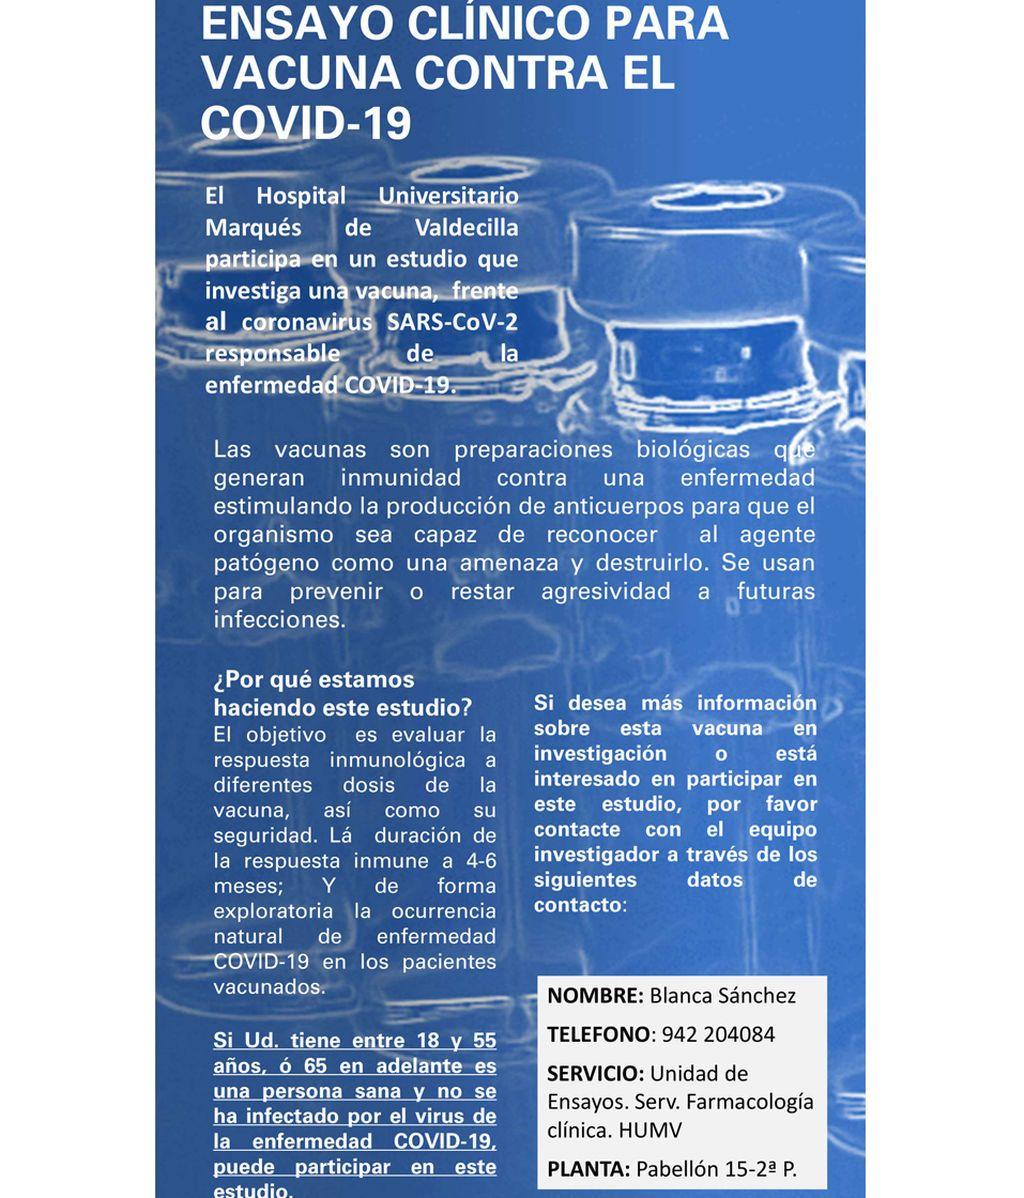 Cartel para reclutar candidatos para el estudio del coronavirus